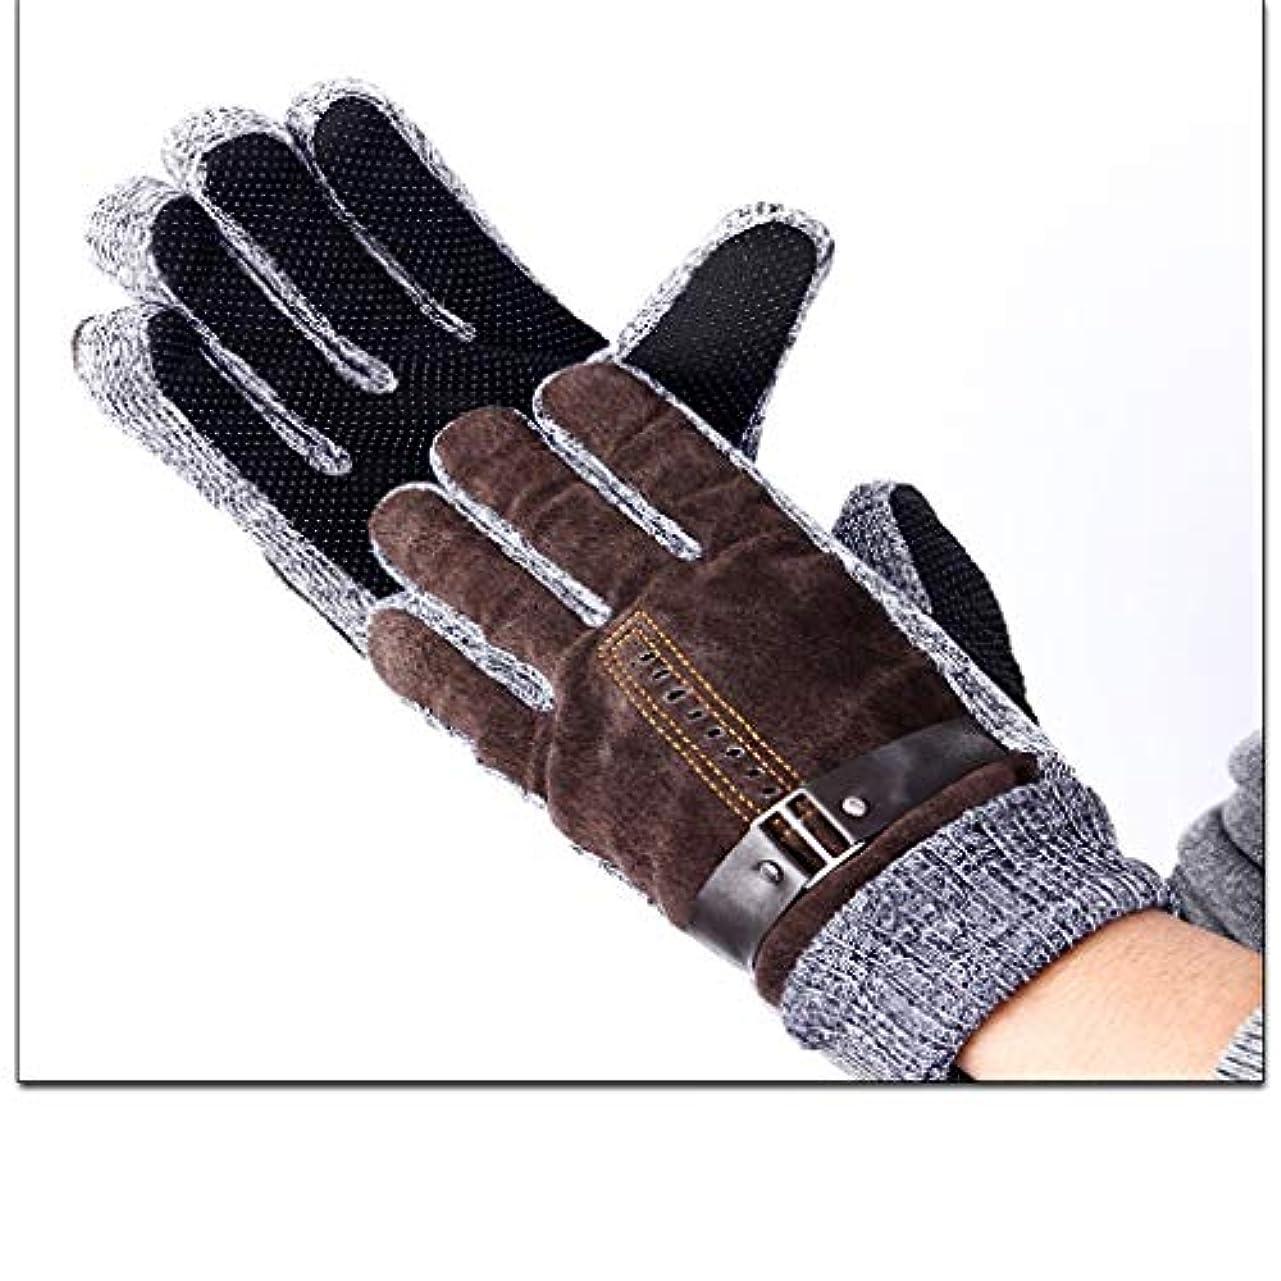 それに応じて暫定シャワースキーウォーム手袋ミトン、屋外防風、防水、通気性、滑り止め、登山、ハイキング、キャンプ、自転車、ランニング(ユニセックス、ワンサイズ)